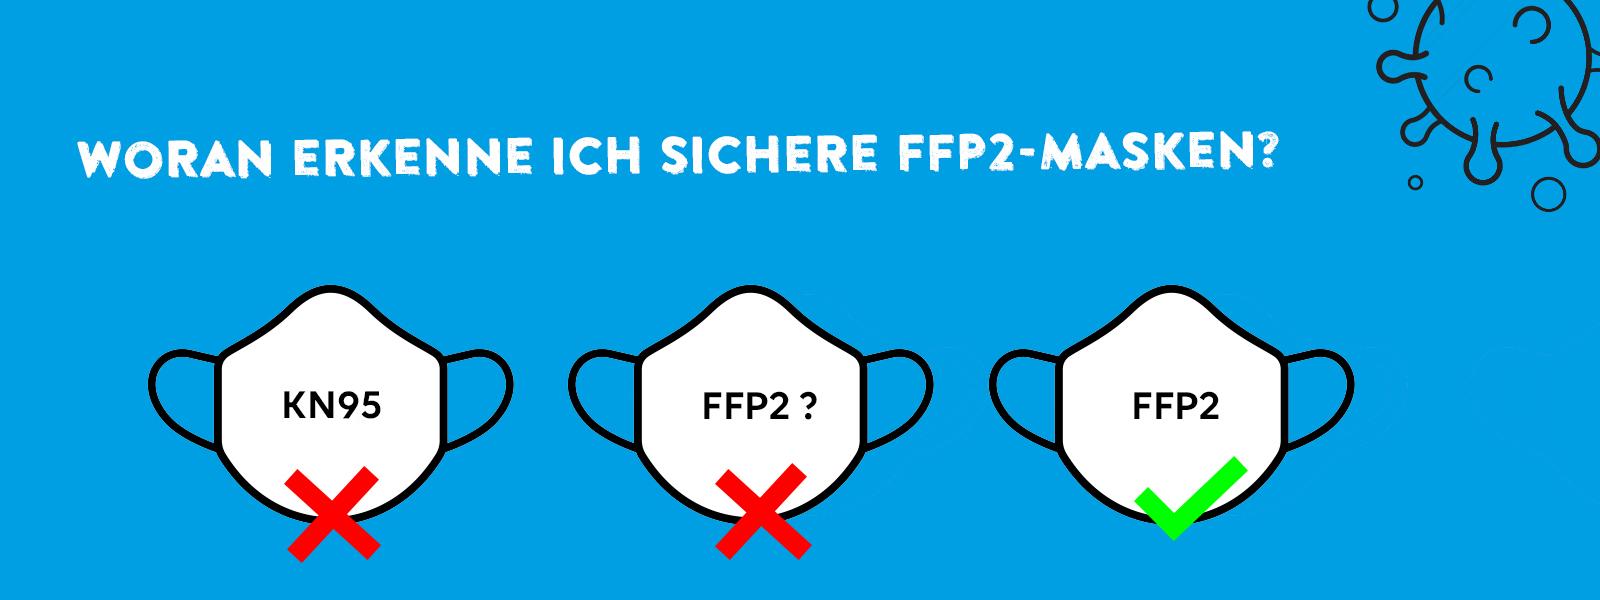 Warnung vor falschen FFP2-Masken sowie mangelhaften KN95-Masken